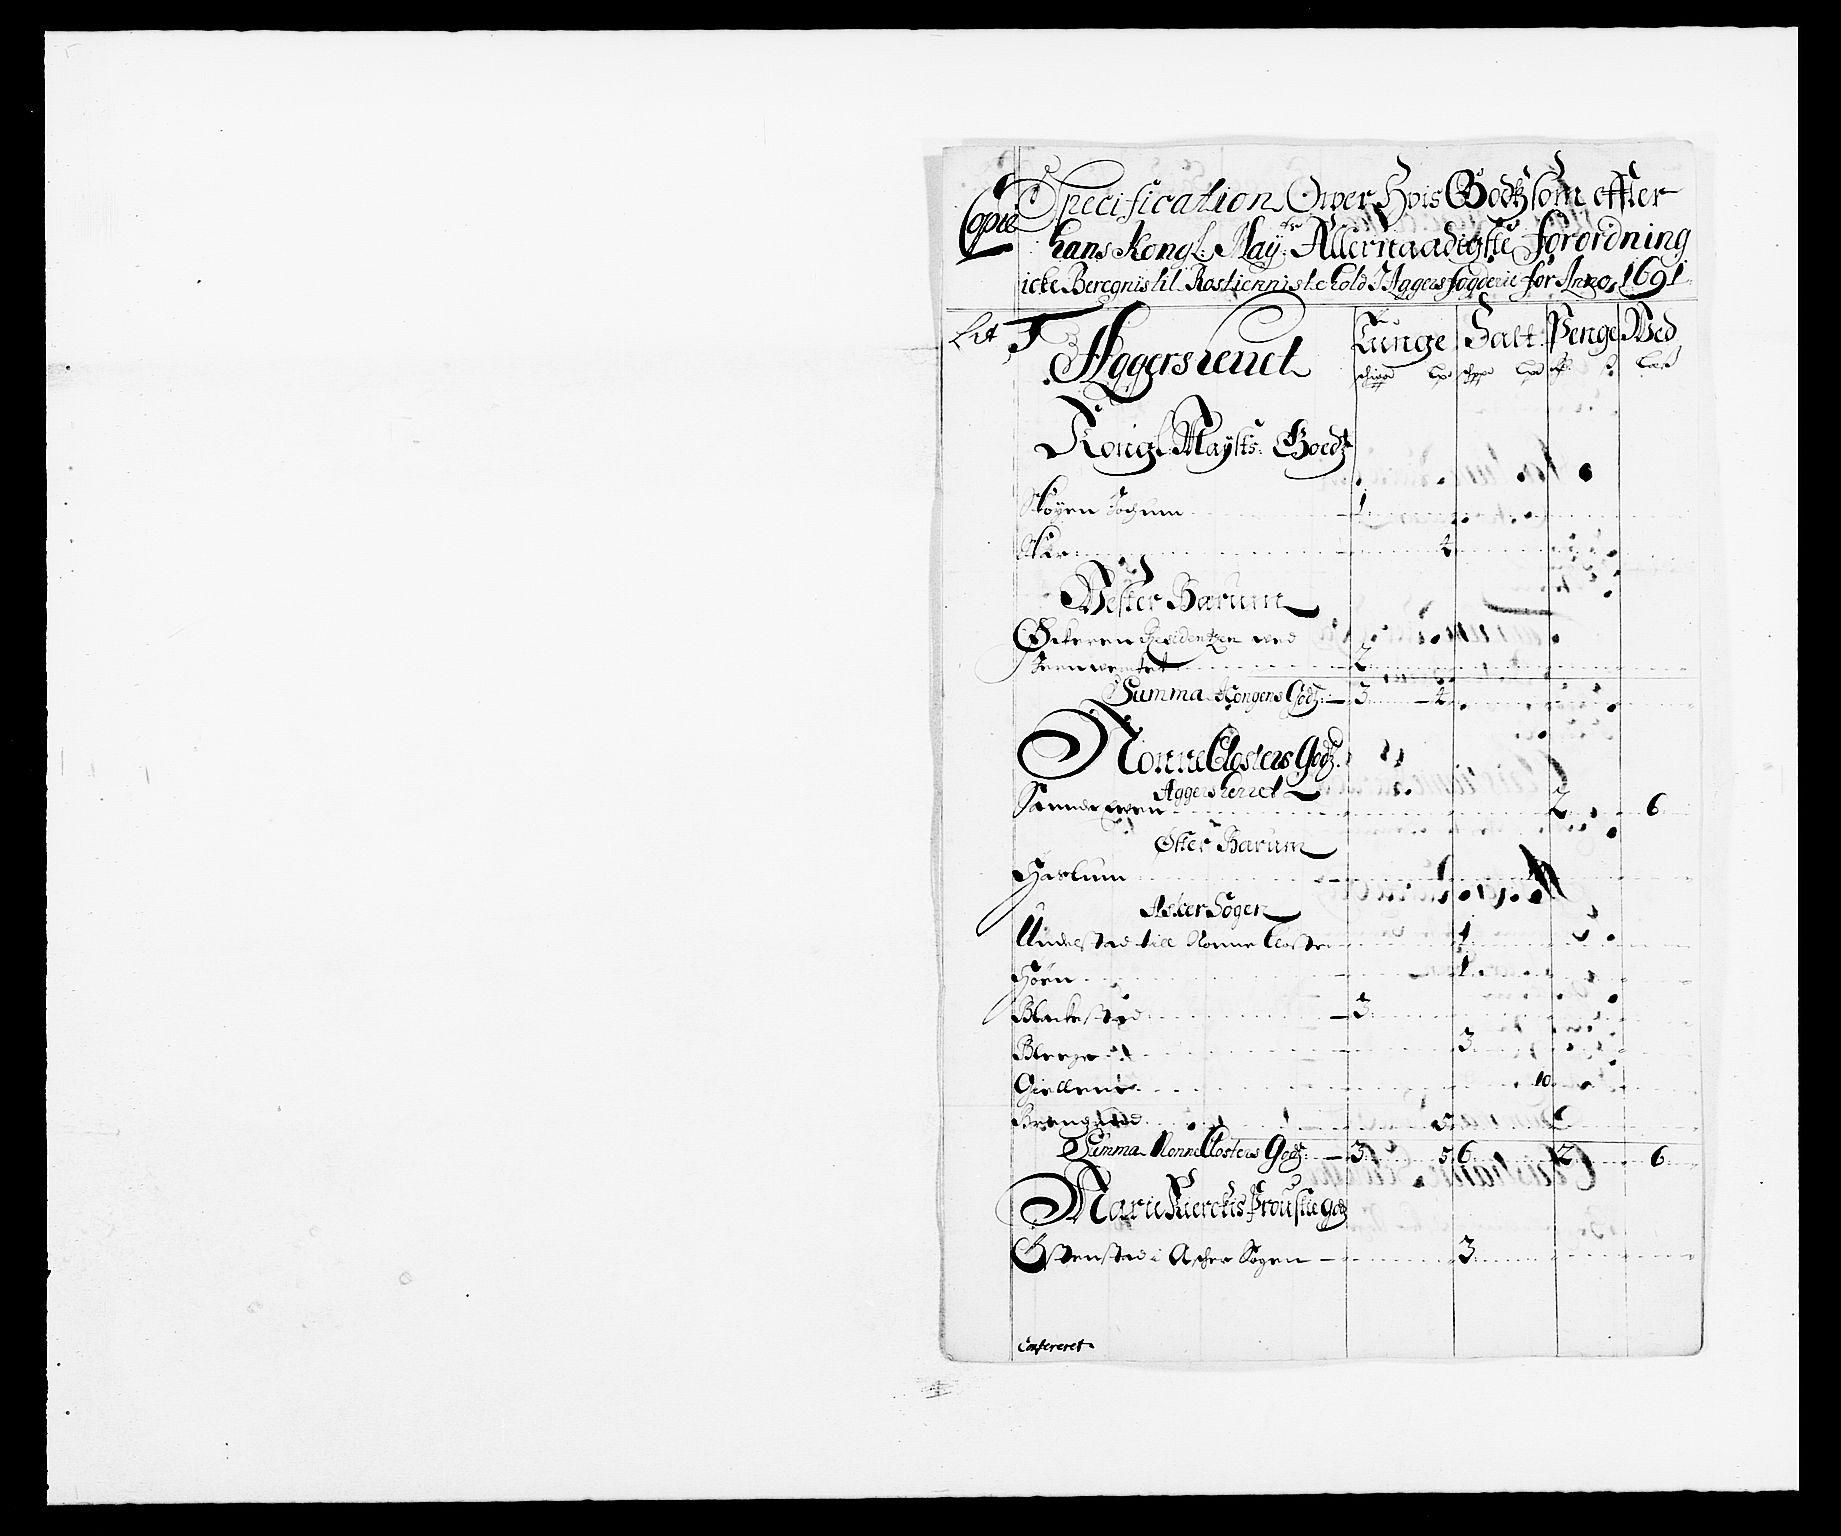 RA, Rentekammeret inntil 1814, Reviderte regnskaper, Fogderegnskap, R08/L0423: Fogderegnskap Aker, 1687-1689, s. 294